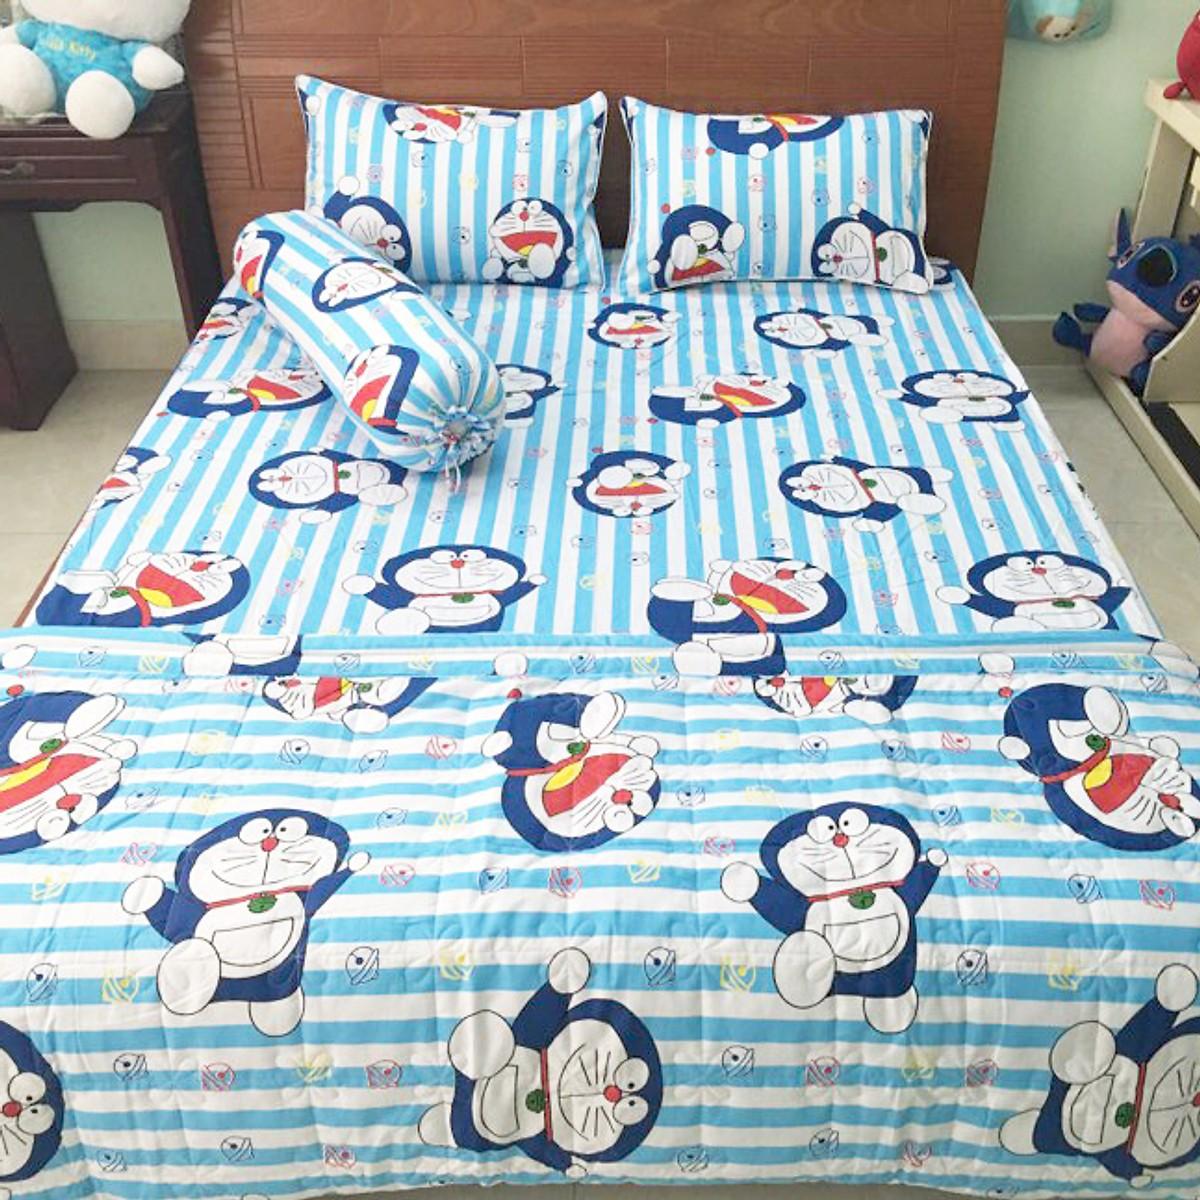 Bộ drap giường cotton - bộ 4 món ( 1drap + 2 vỏ nằm +1 vỏ ôm + 1 chăn chần)